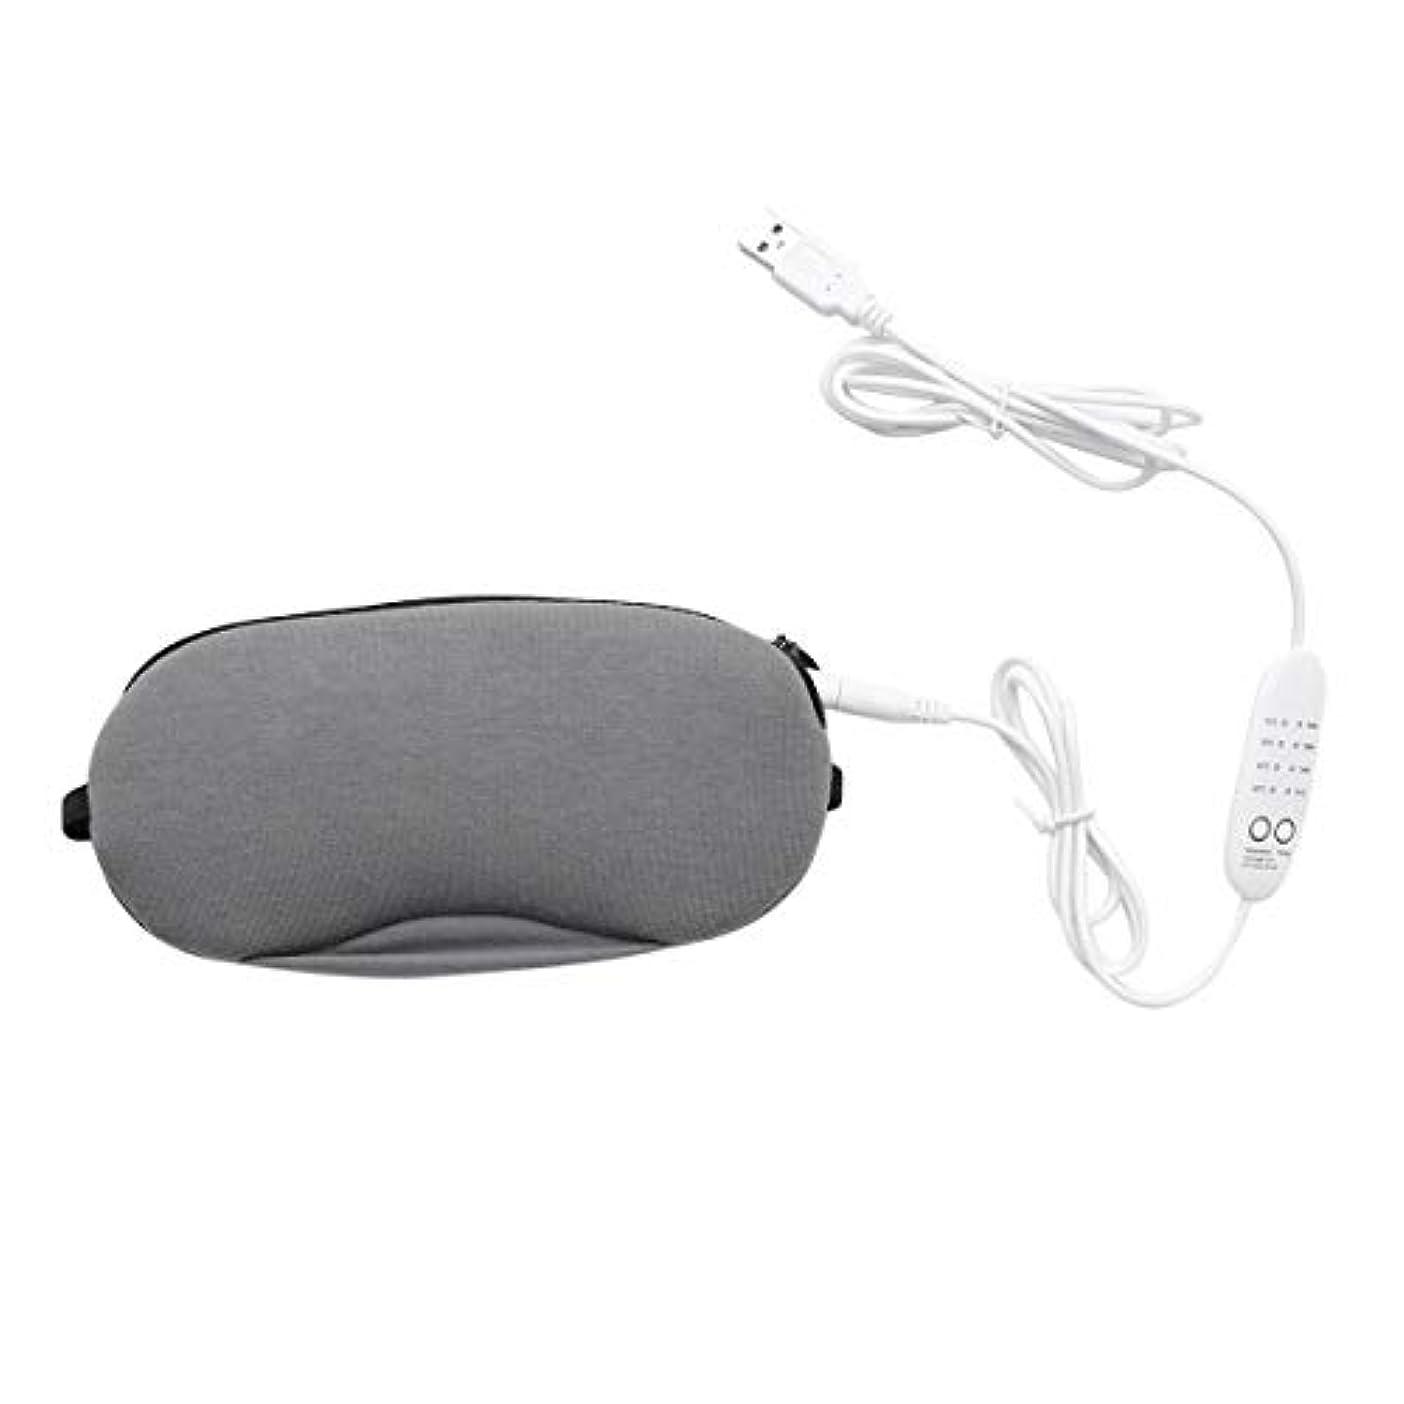 保護かなりの織機不眠症を和らげるためのHealifty USBスチームアイマスク目隠しホットコンプレッションアイシールドドライアイ疲労(グレー)